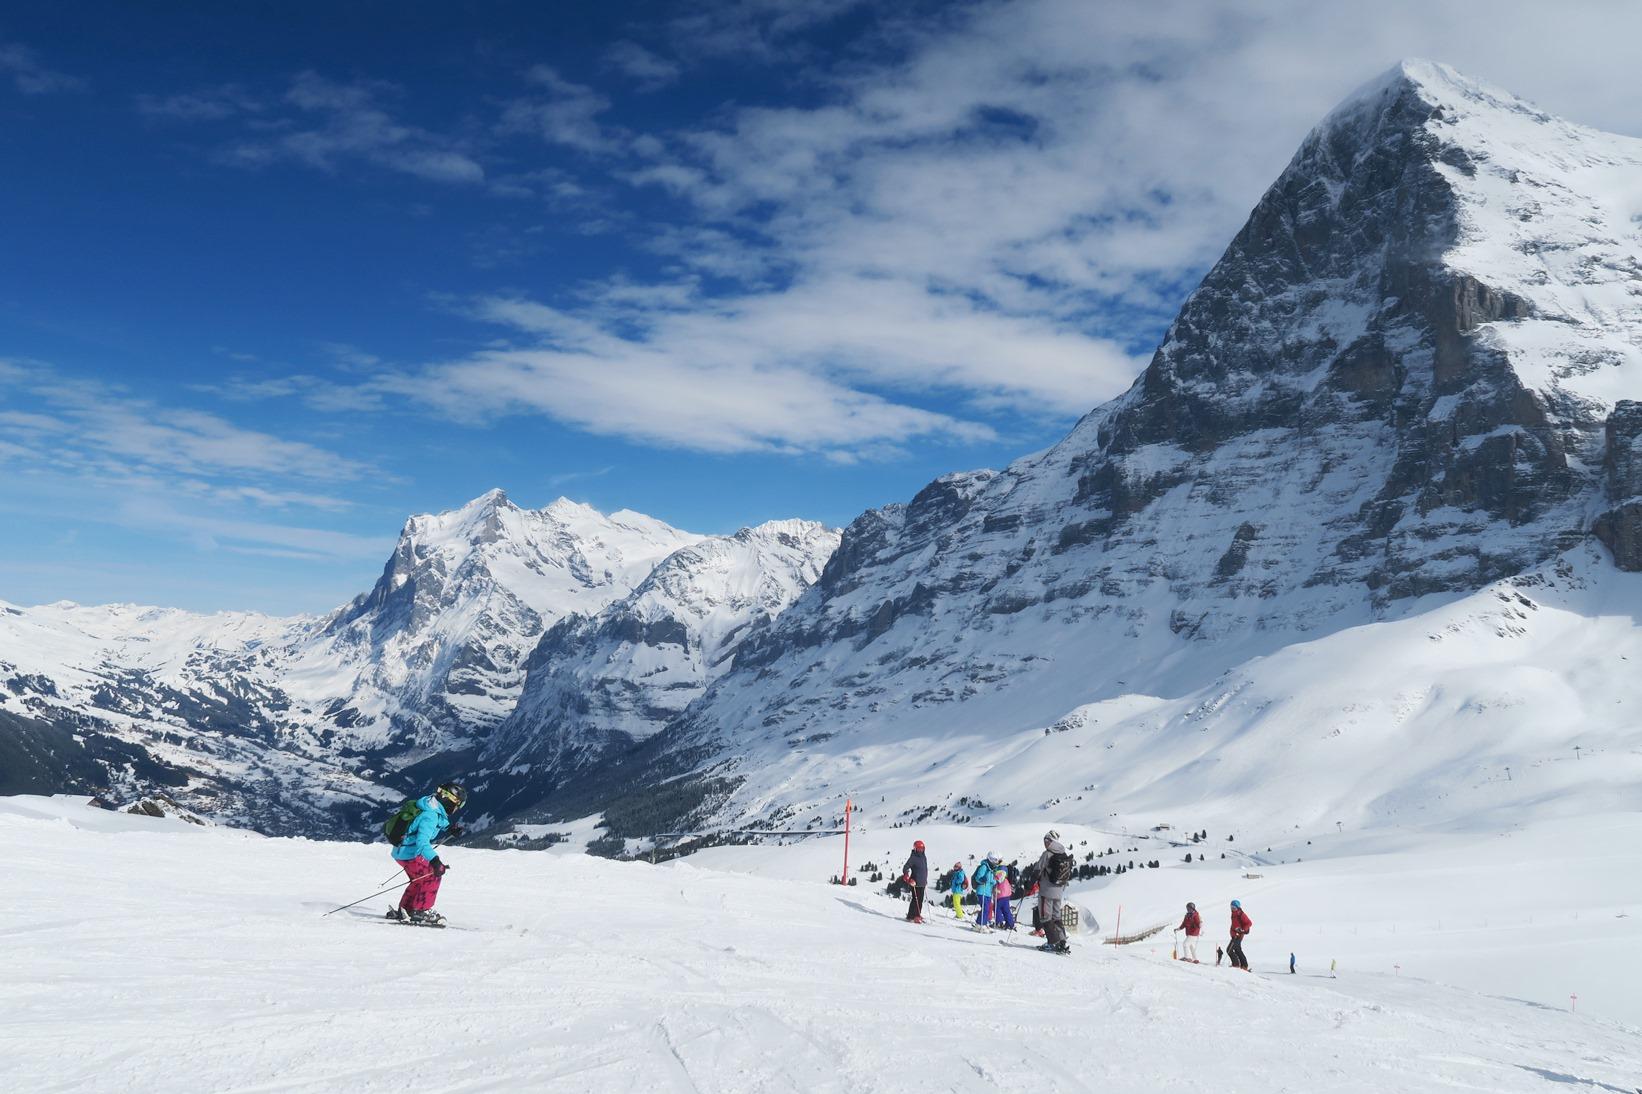 【催行間近・大募集中】1月21日出発 スイス・グリンデルワルト・ゆったりスキー 8日間